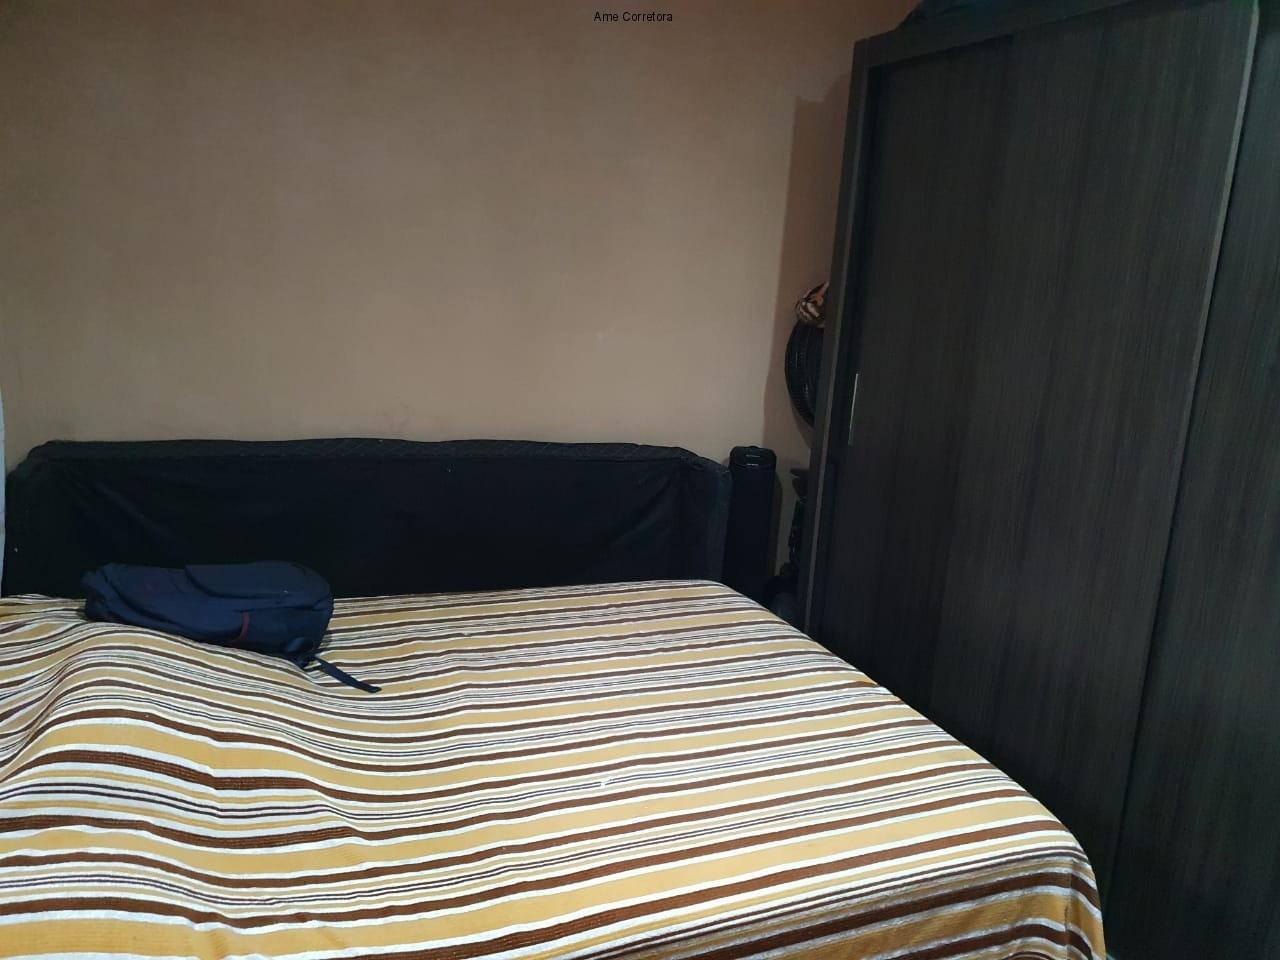 FOTO 10 - Casa 2 quartos à venda Inhoaíba, Rio de Janeiro - R$ 160.000 - CA00760 - 11